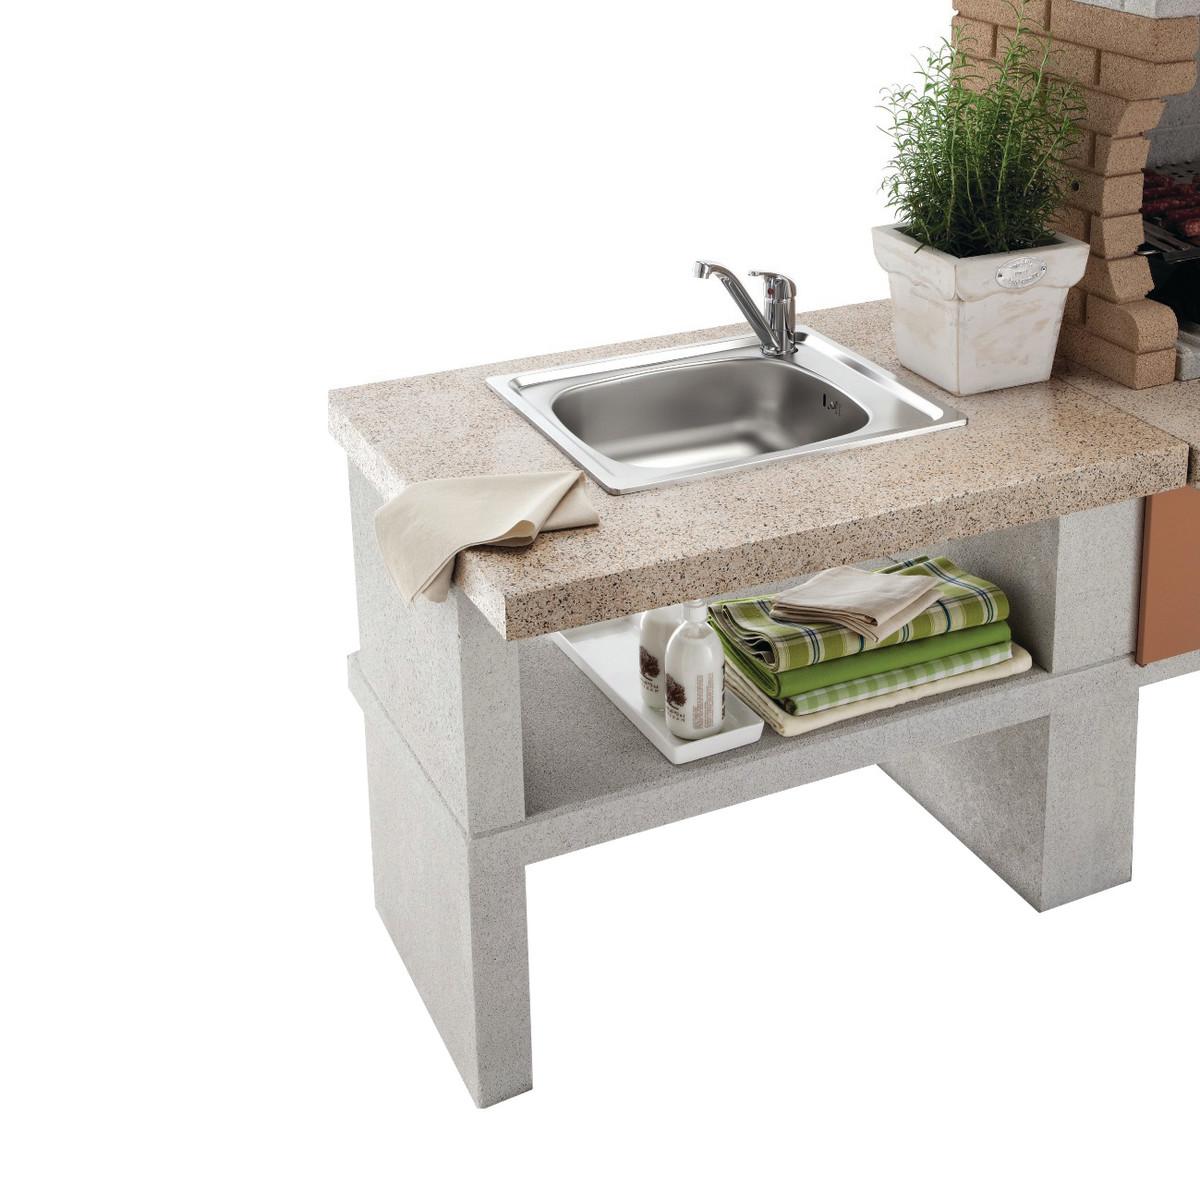 Mobile lavello cucina leroy merlin casamia idea di immagine - Leroy merlin pavimenti da esterno ...